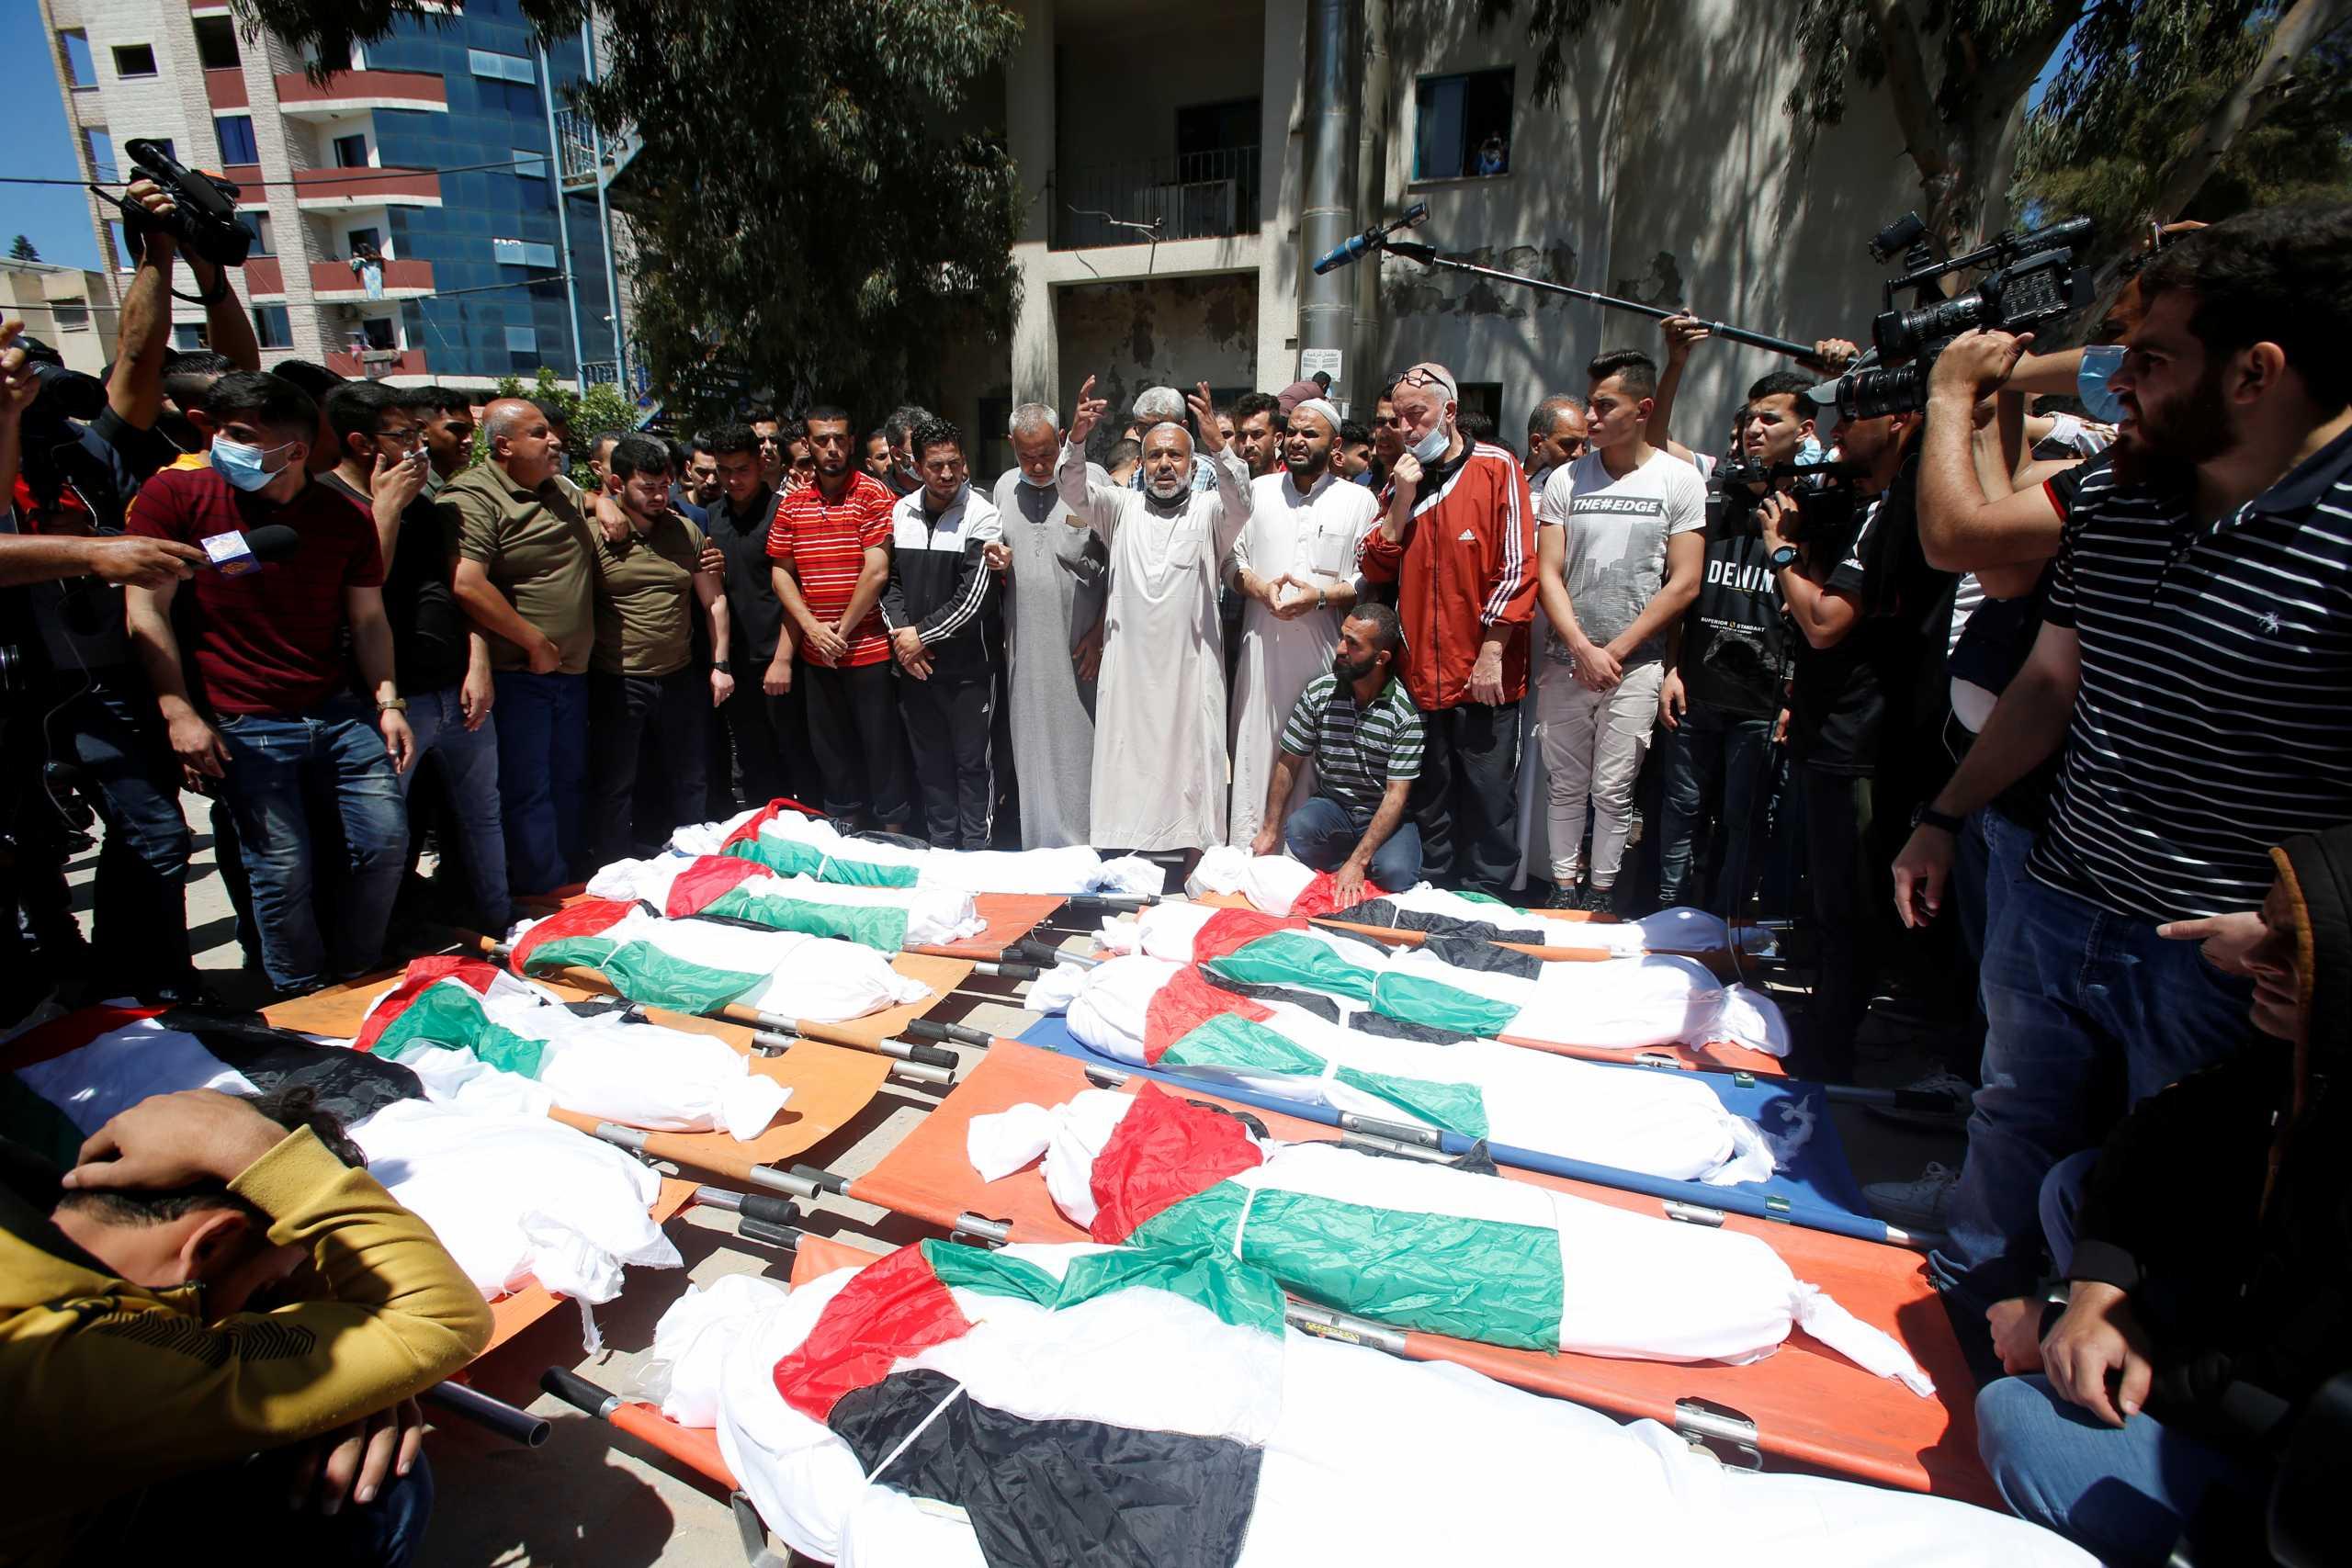 Λωρίδα της Γάζας: Σπαραγμός στην κηδεία της 10μελούς οικογένειας που ξεκληρίστηκε (pics)